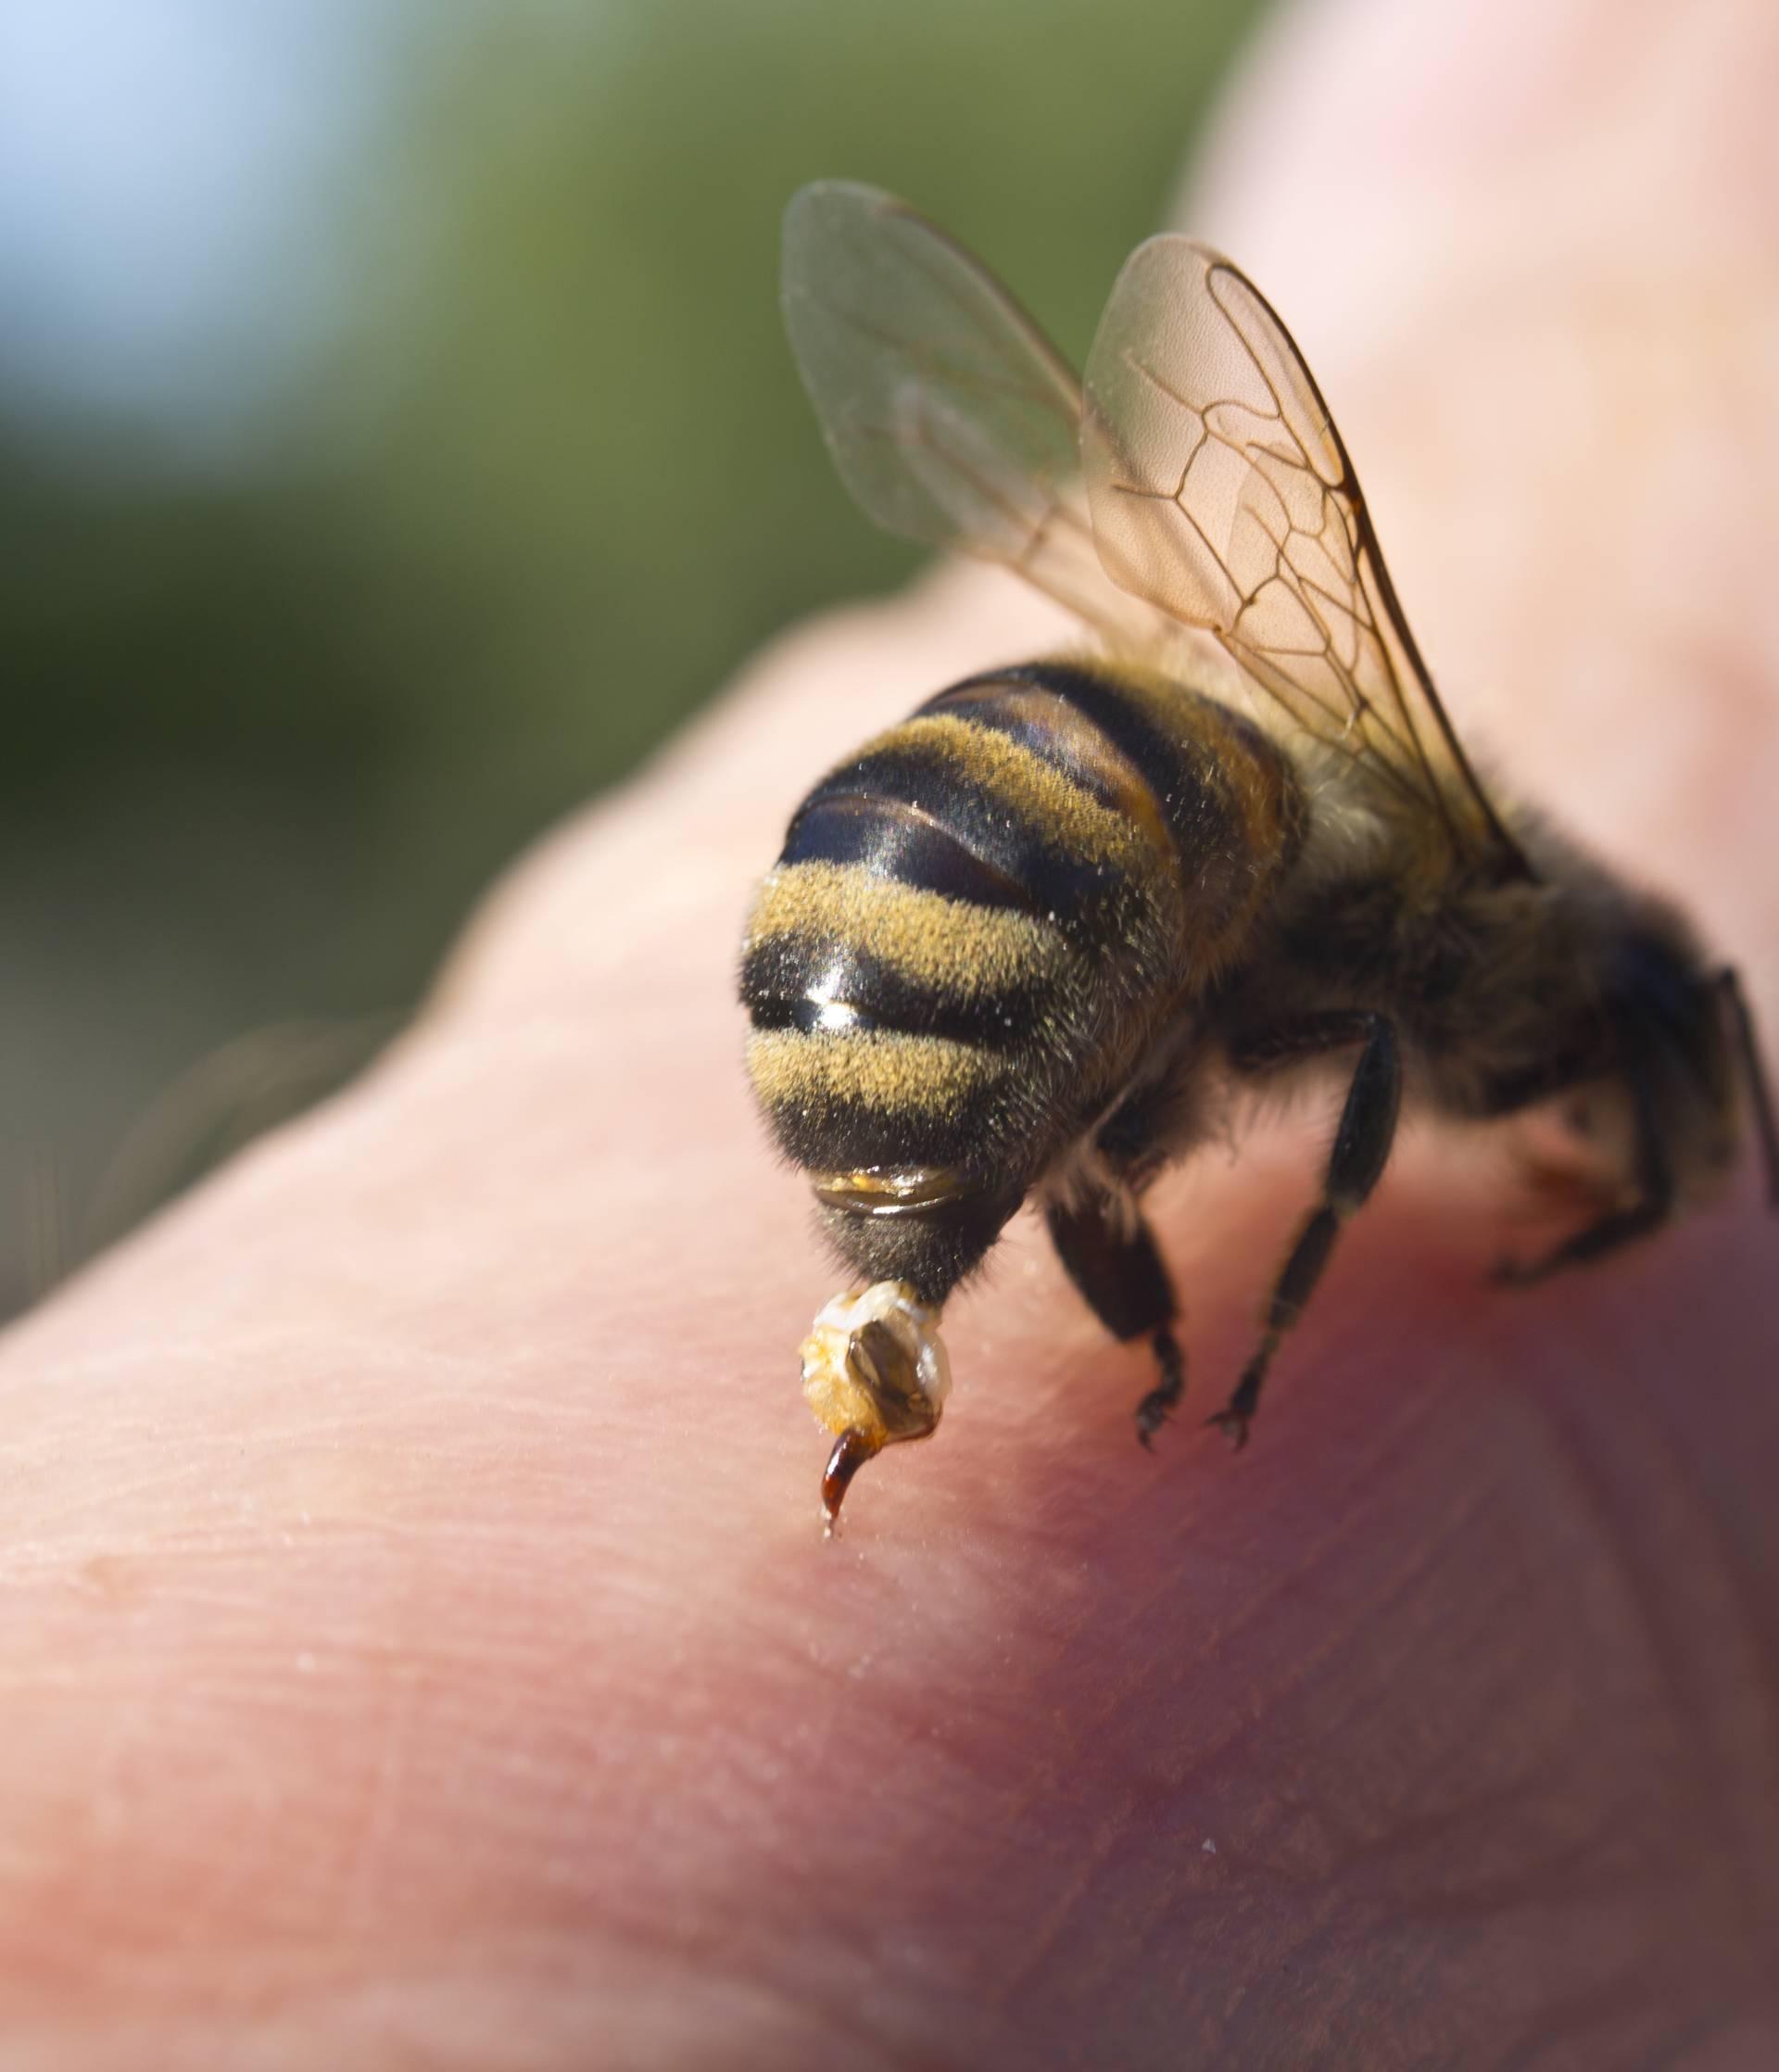 Super trik kako spriječiti bol i oticanje od uboda pčele, ose...